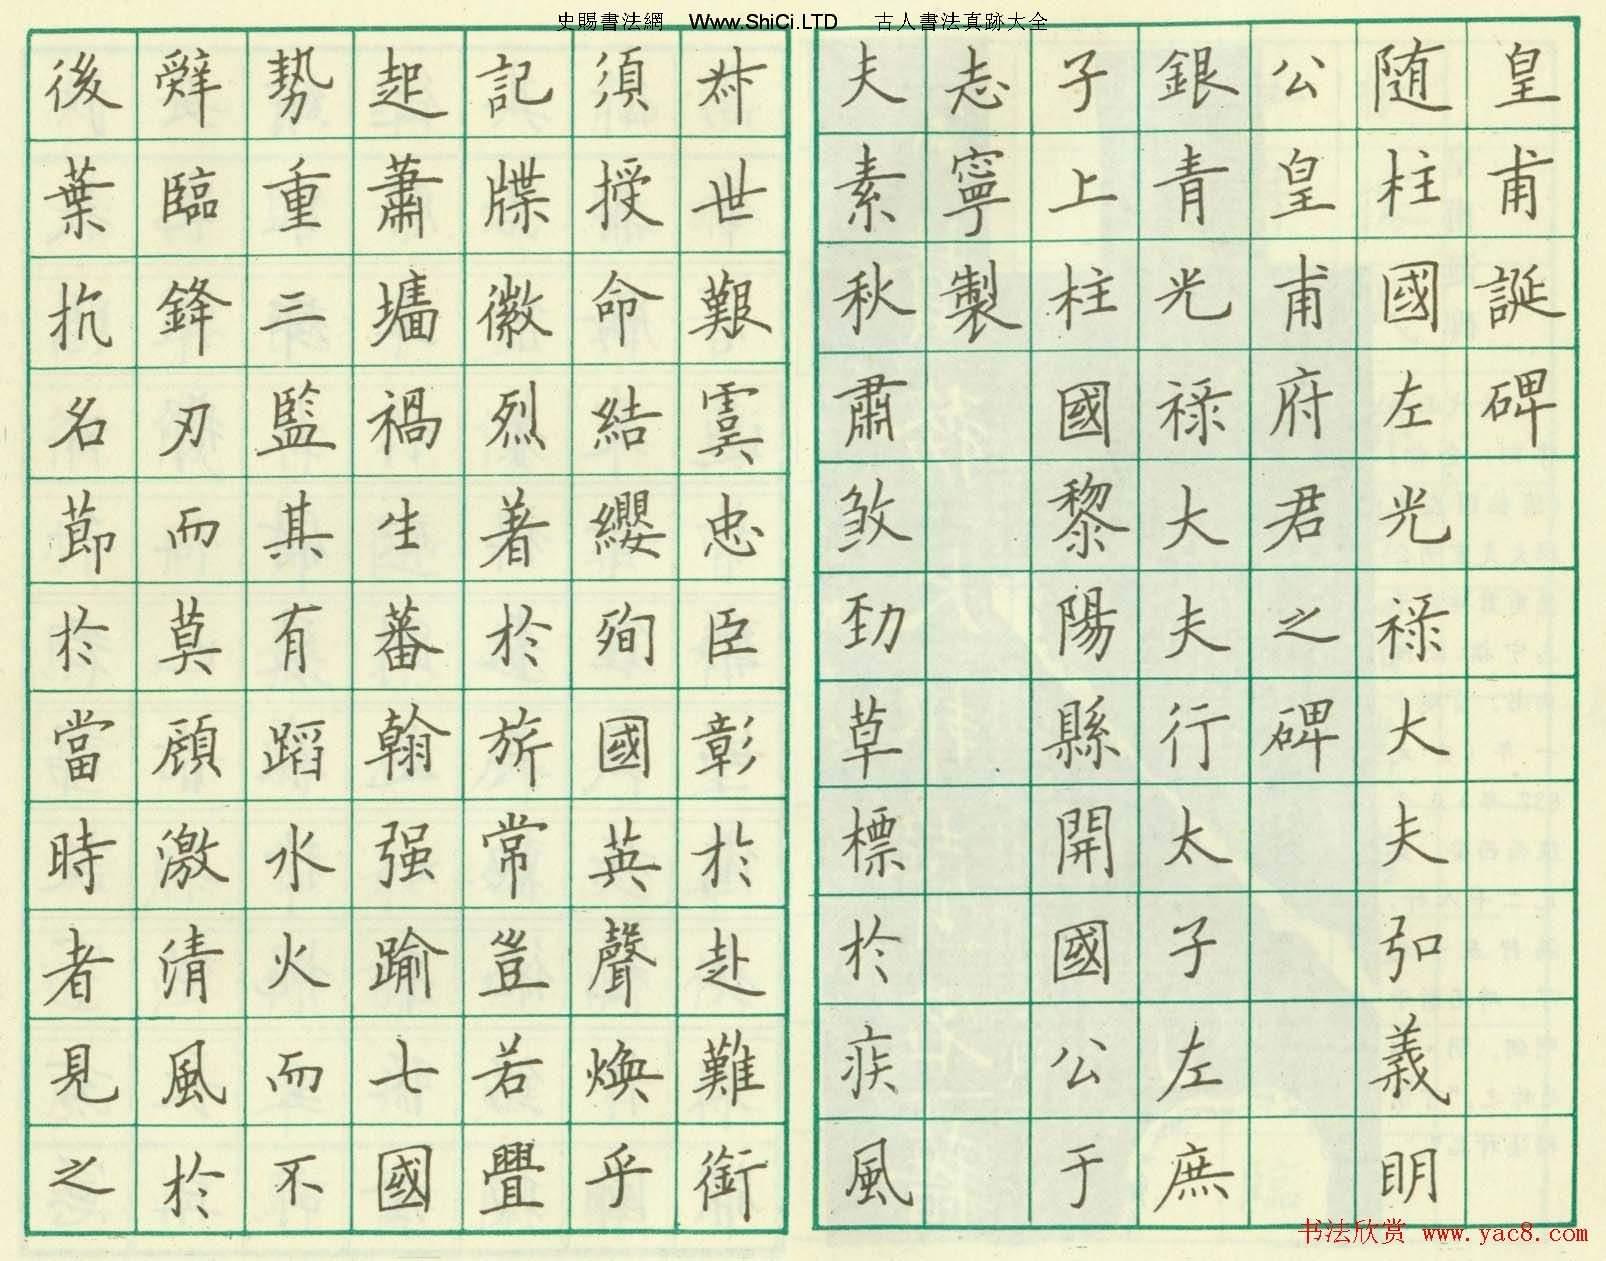 盧中南硬筆書法真跡欣賞《臨歐楷皇甫誕碑》(共10張圖片)